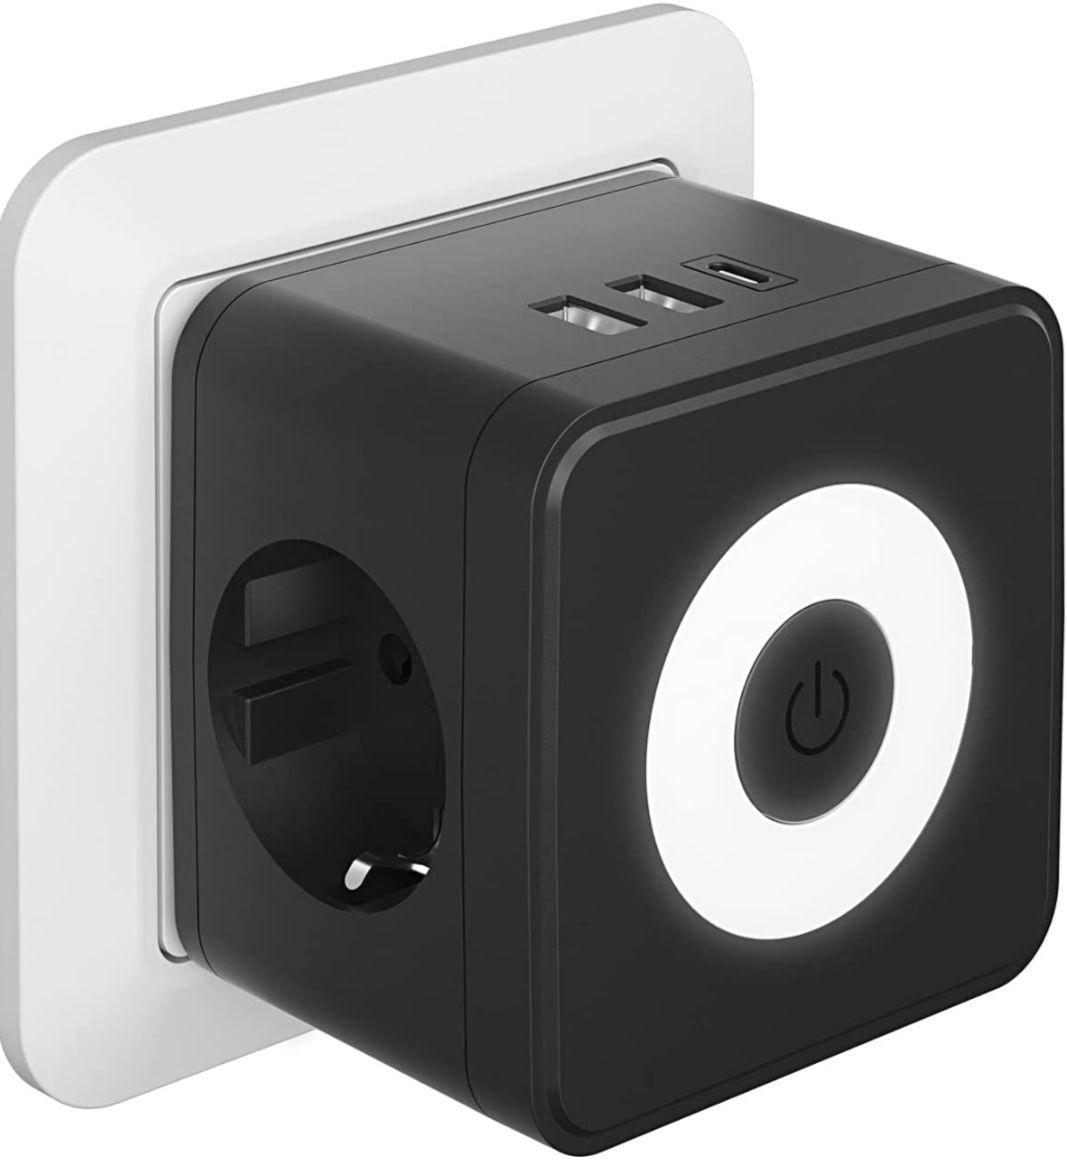 Enchufe 5 en 1 Cubo con 3 puertos USB + 2 tomas de corriente y luz indicadora